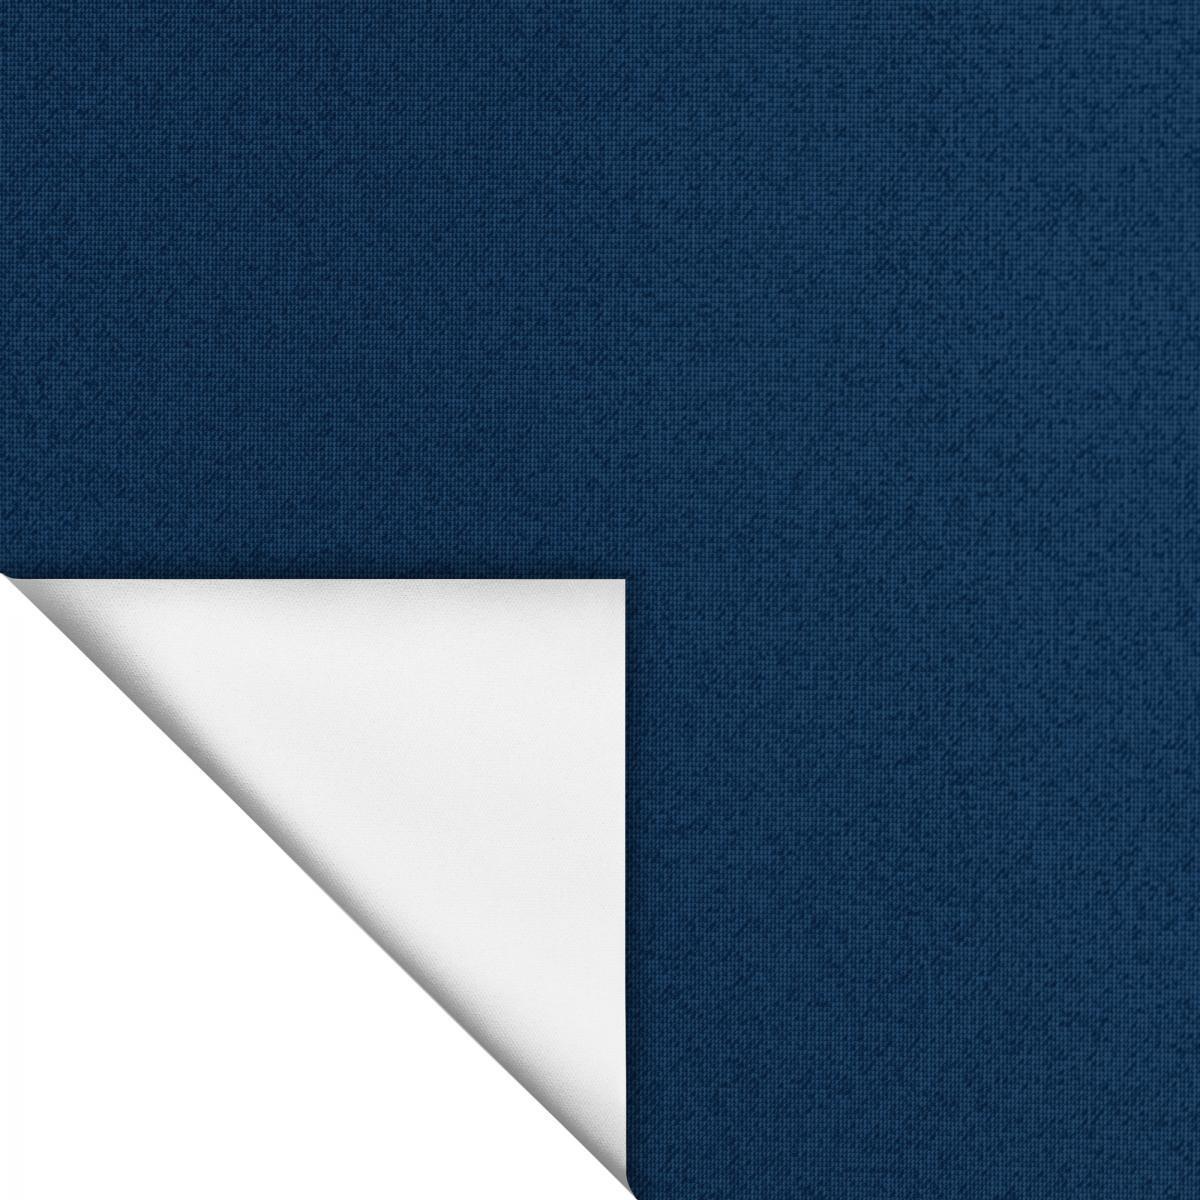 Bild 4 von Lichtblick Dachfenster Sonnenschutz Haftfix, ohne Bohren, Verdunkelung, Blau, 36 cm x 56,9 cm (B x L